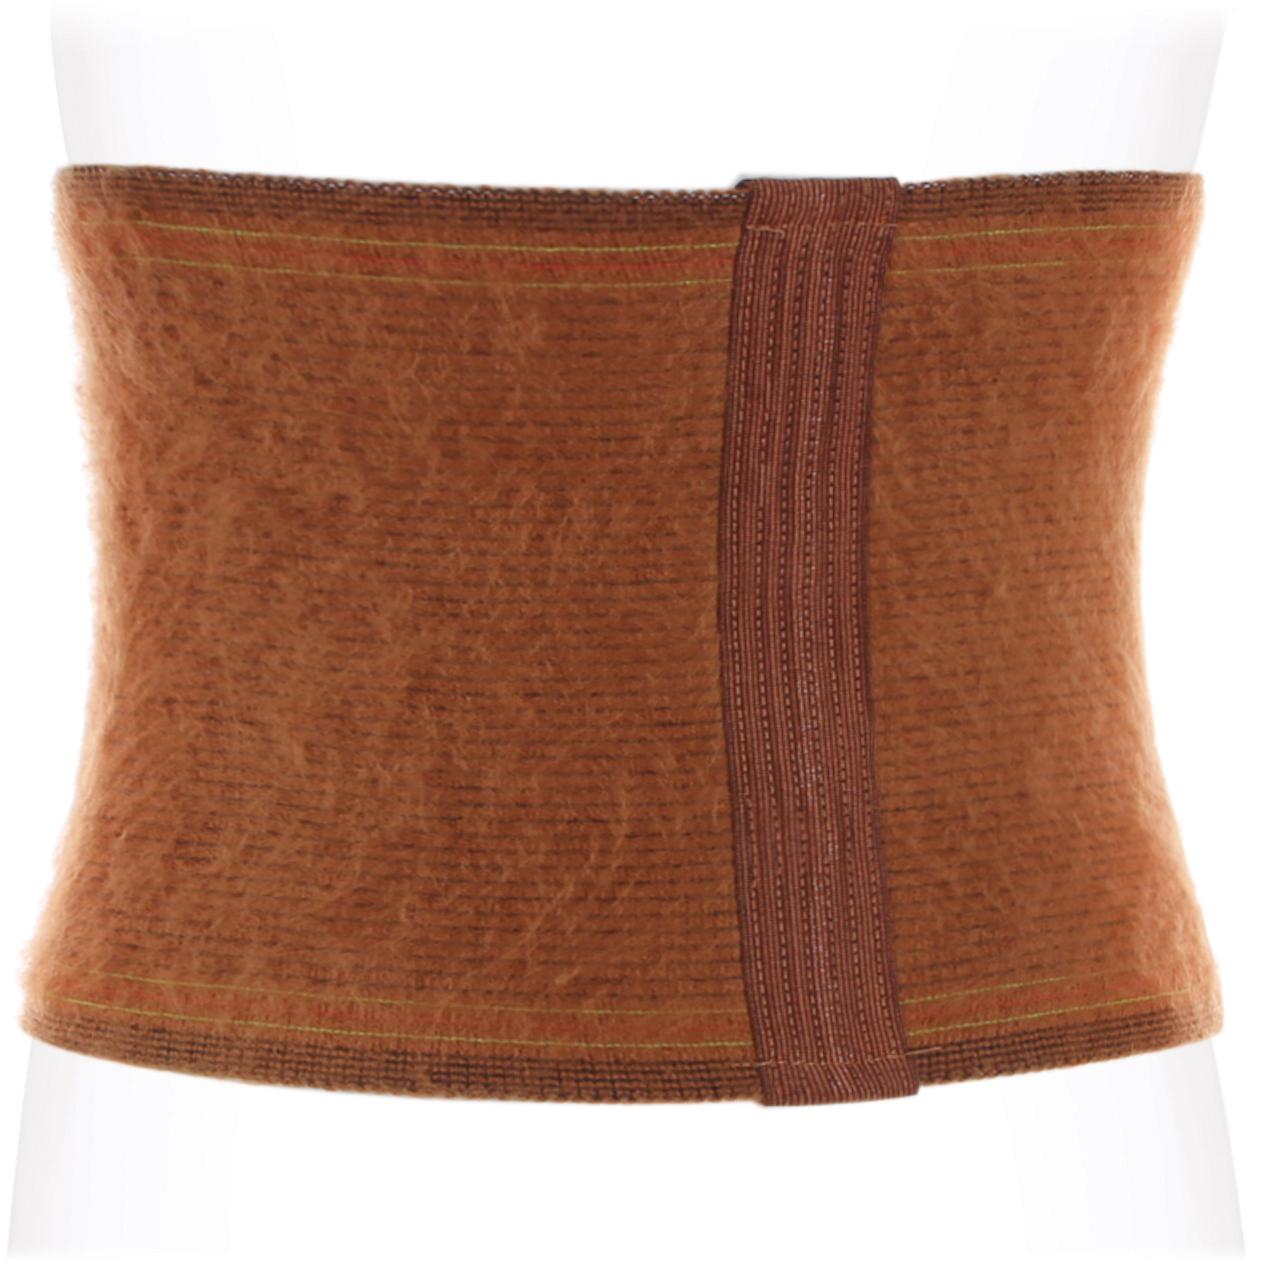 Ecoten Бандаж противорадикулитный согревающий. Верблюжья шерсть ПРР-03. Размер 3/XLПРР-03 XLОсобенности: активно нейтрализует токсины, вырабатываемые организмом и оказывает косметологическое воздействие на кожу, омолаживая и делая ее более упругой и эластичной защищает от замерзания в холод и от перегрева в жару в несколько раз прочнее других видов шерсти обладает высокими антистатическими свойствами практична в носке, устойчива к загрязнению и способна самоочищаться цвет: коричневый Показания к применению: радикулит, миозит ревматизм, остеохондроз поясничного отдела позвоночника неврит, невралгия, подагра профилактика заболеваний поясничного отдела позвоночника при физических нагрузках и переохлаждении 42(S)65-85 44(M)83-100 46(L)98-115 48(XL)113-130 состав:верблюжья шерсть